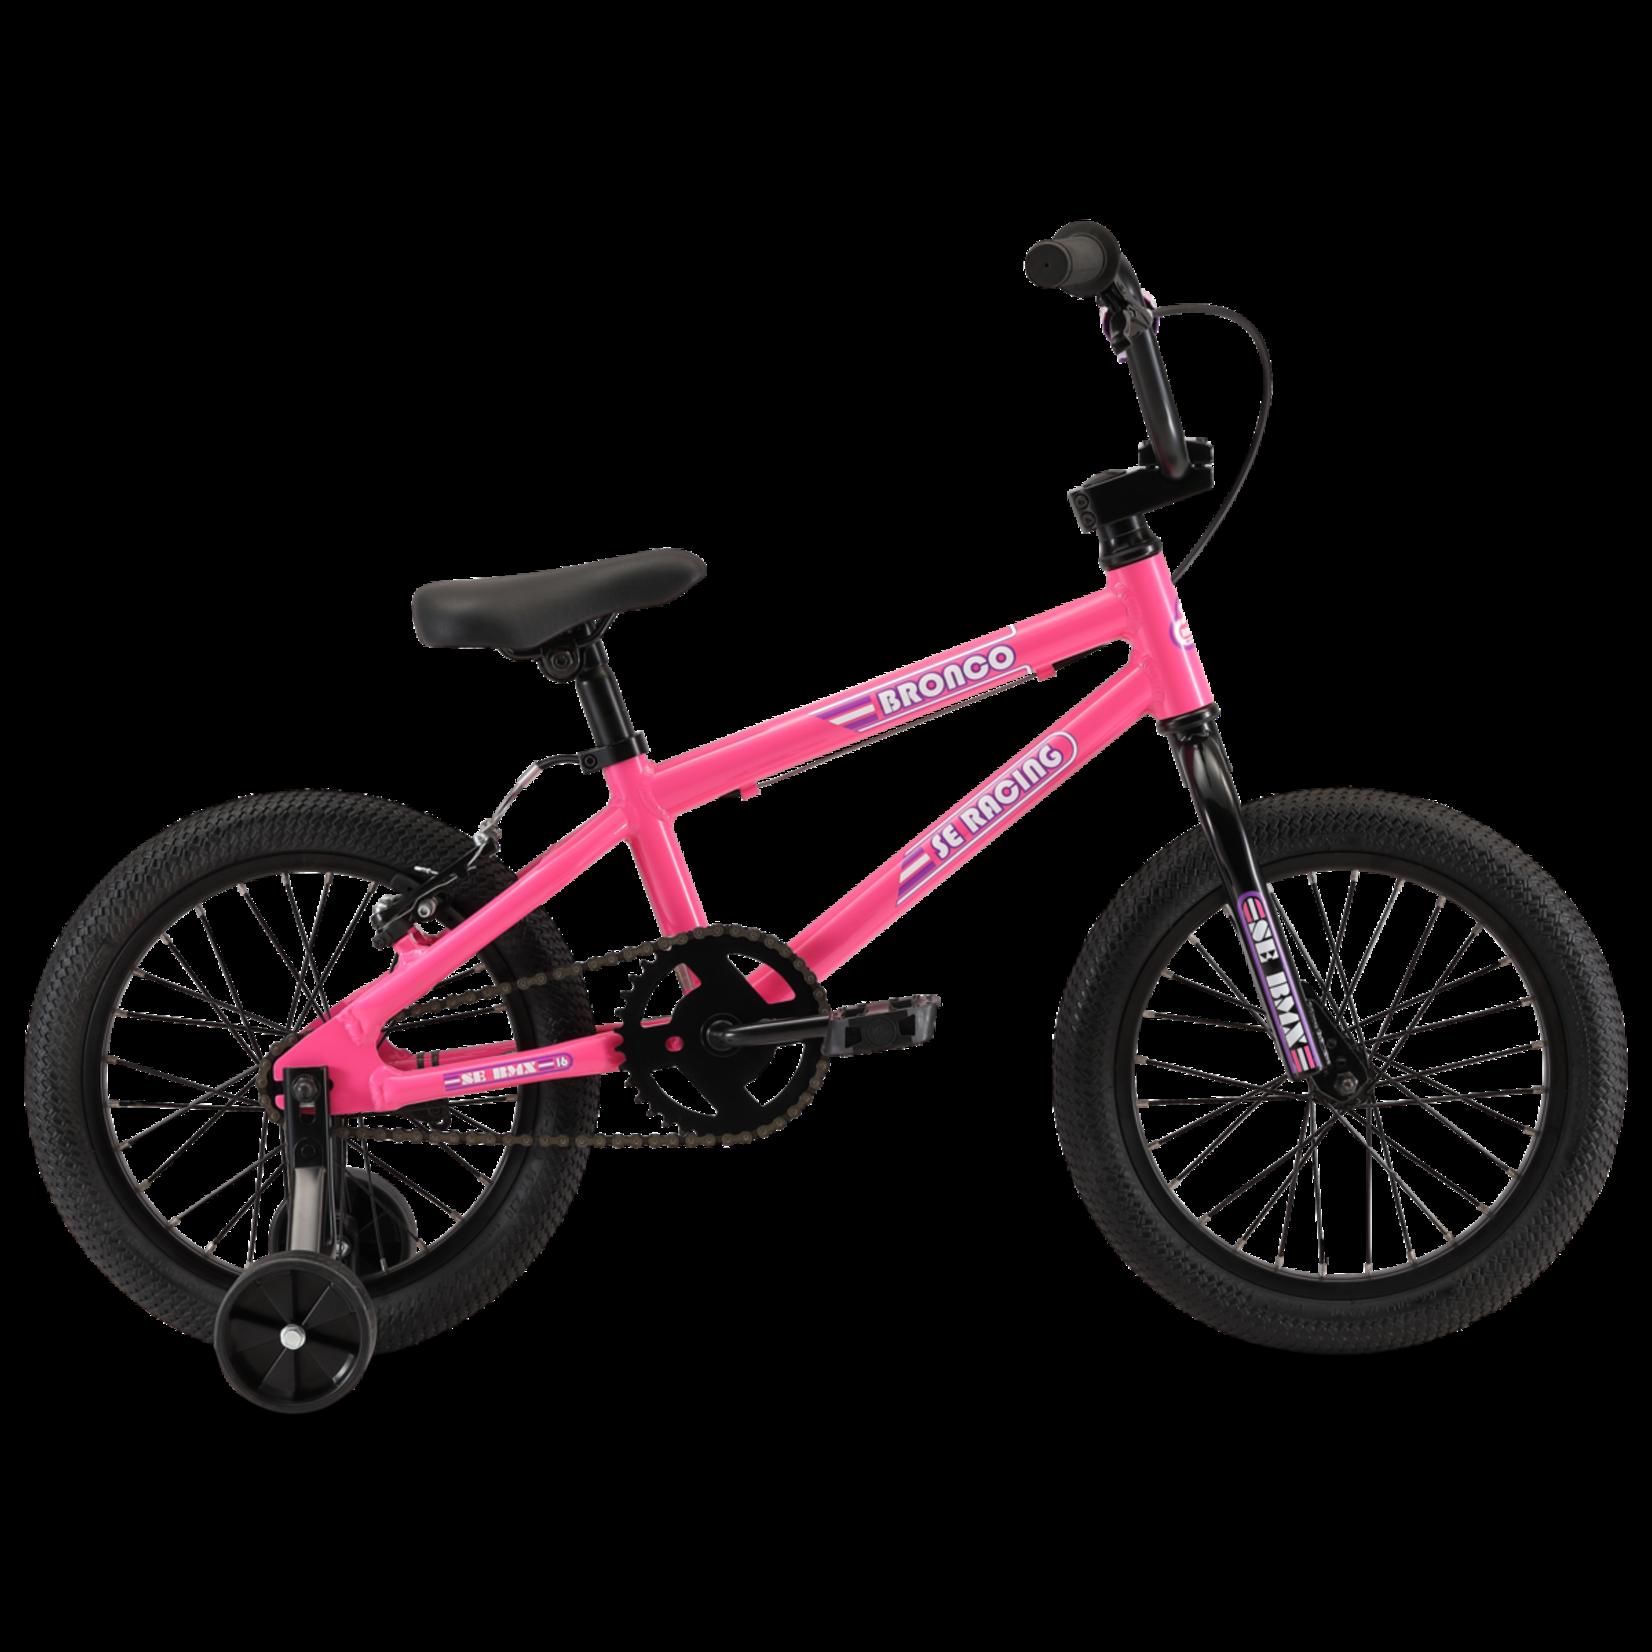 SE Bike SE Bronco Pink 16